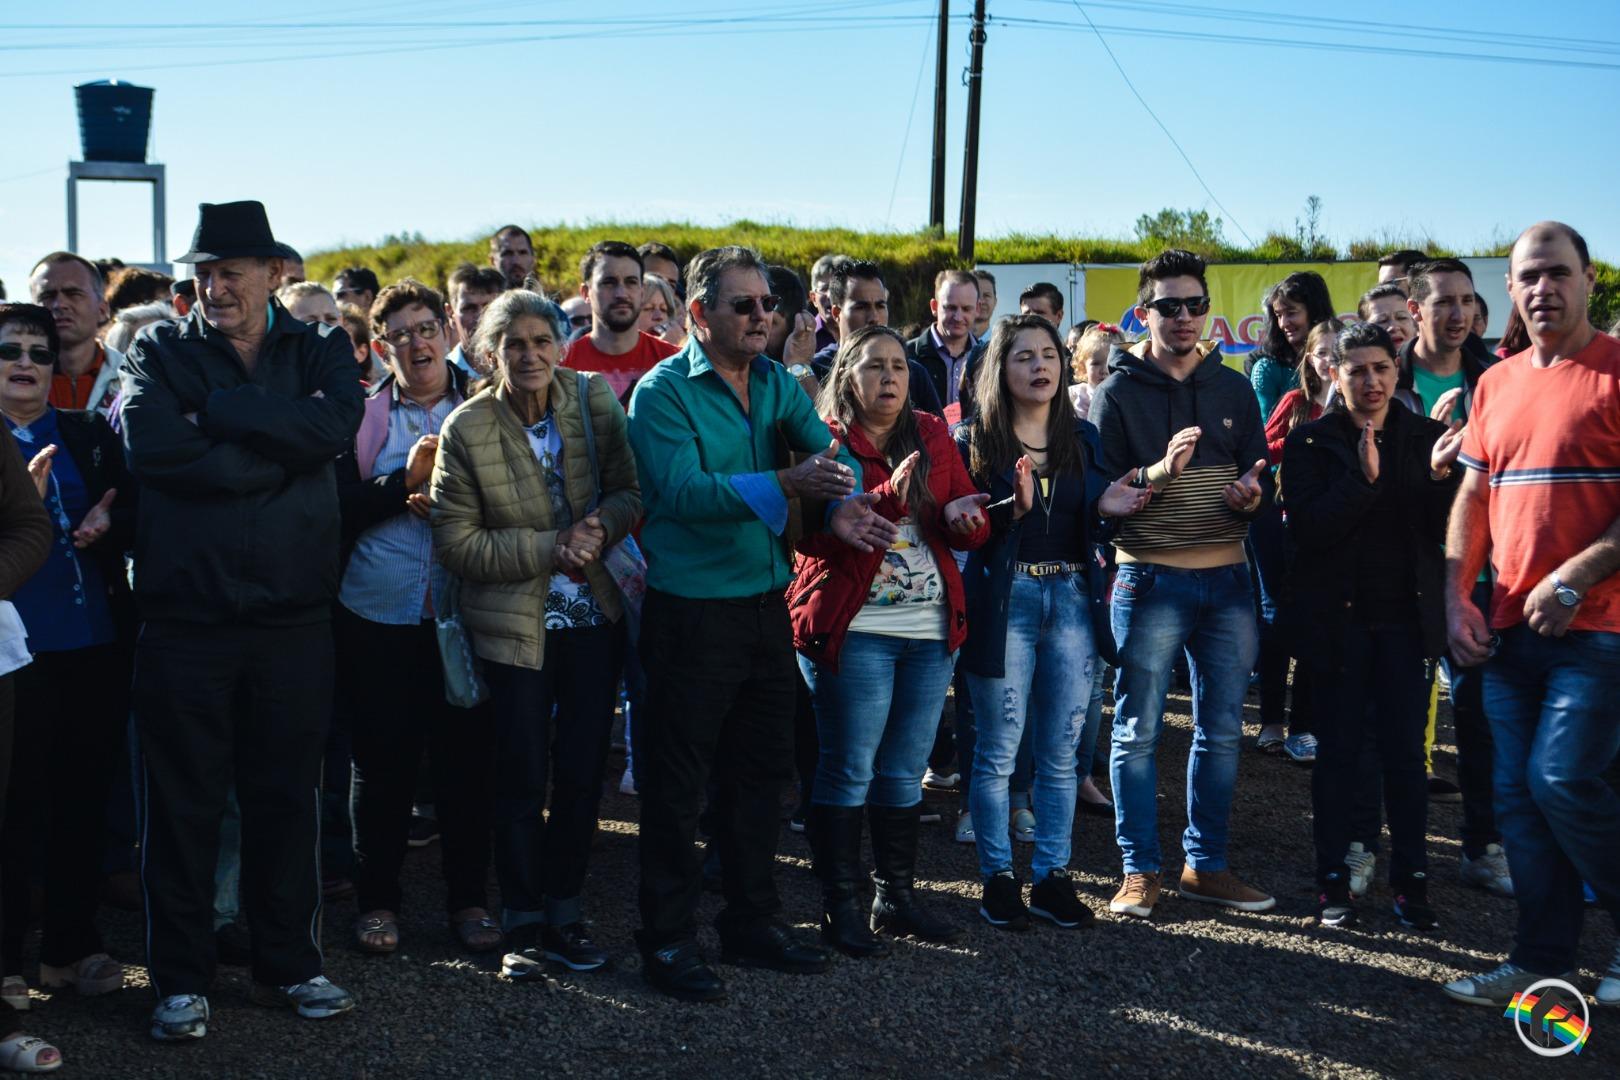 VÍDEO: Centenas de pessoas participam de romaria no Caravaggio